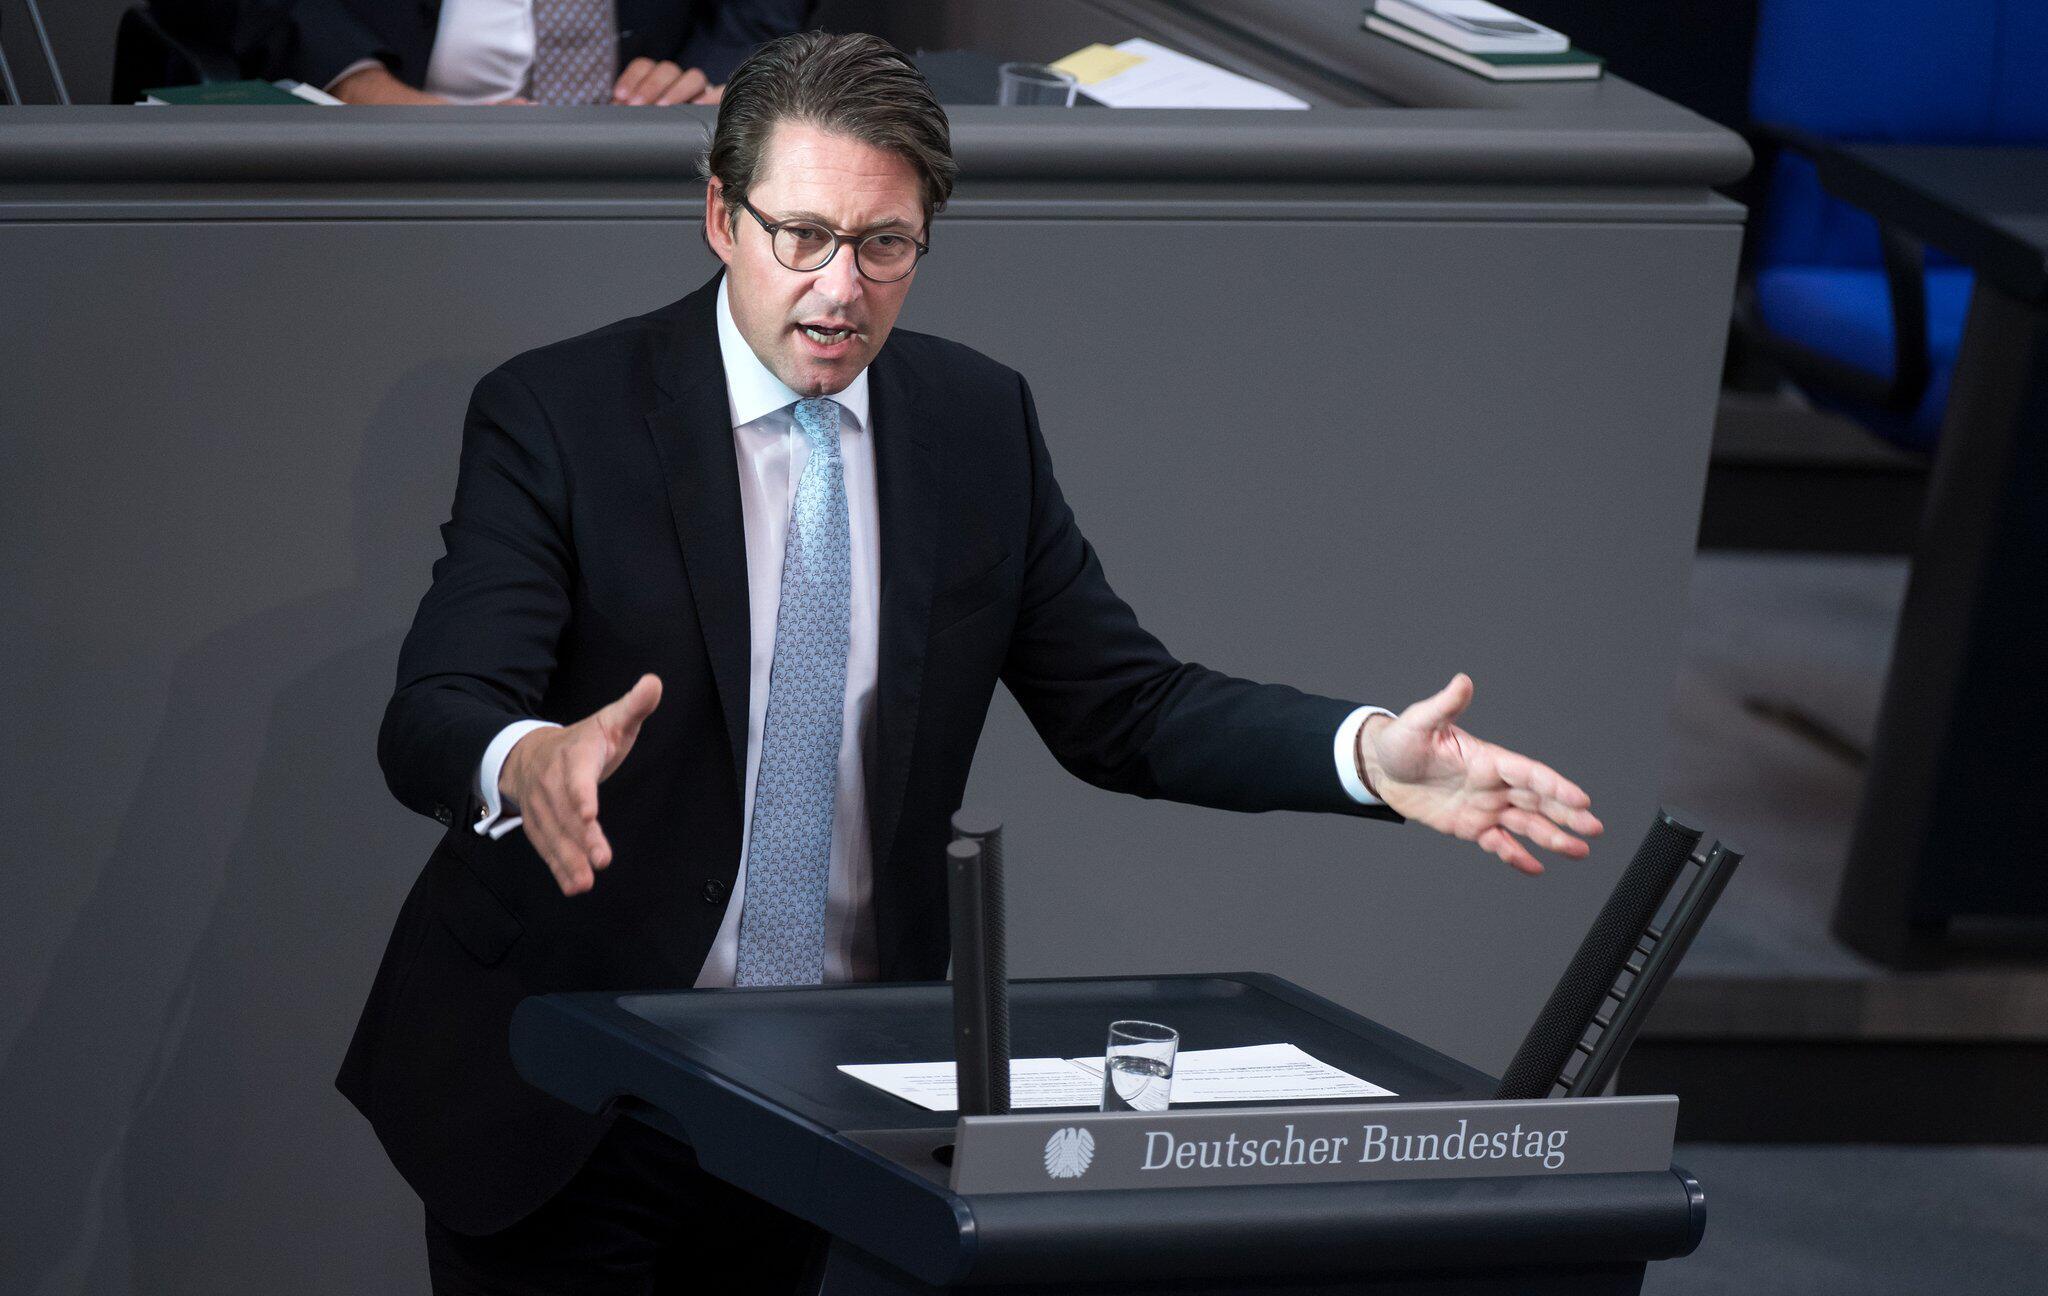 Bild zu Bundestag, Andreas Scheuer